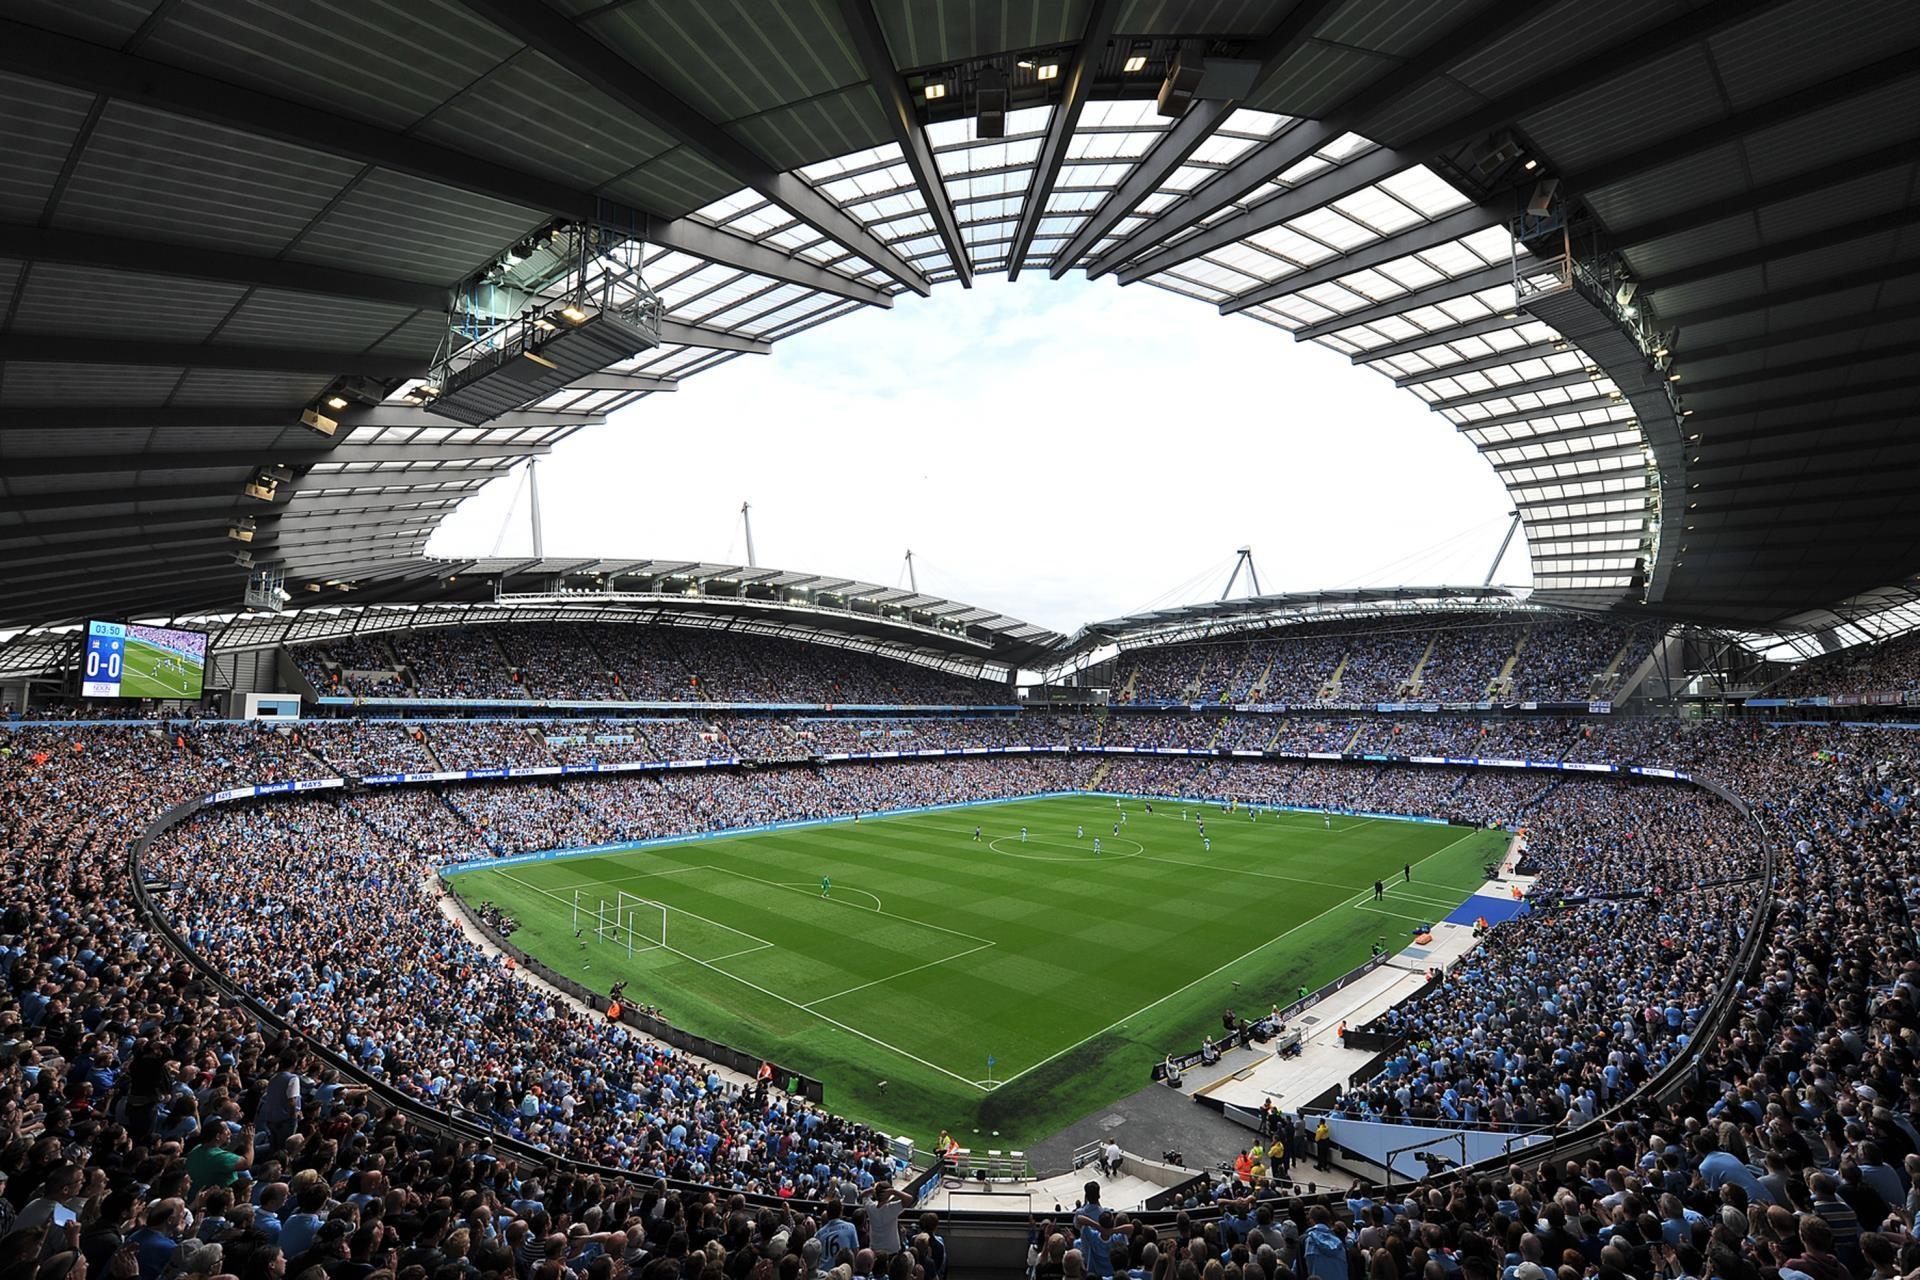 Picture of Etihad Stadium, Manchester